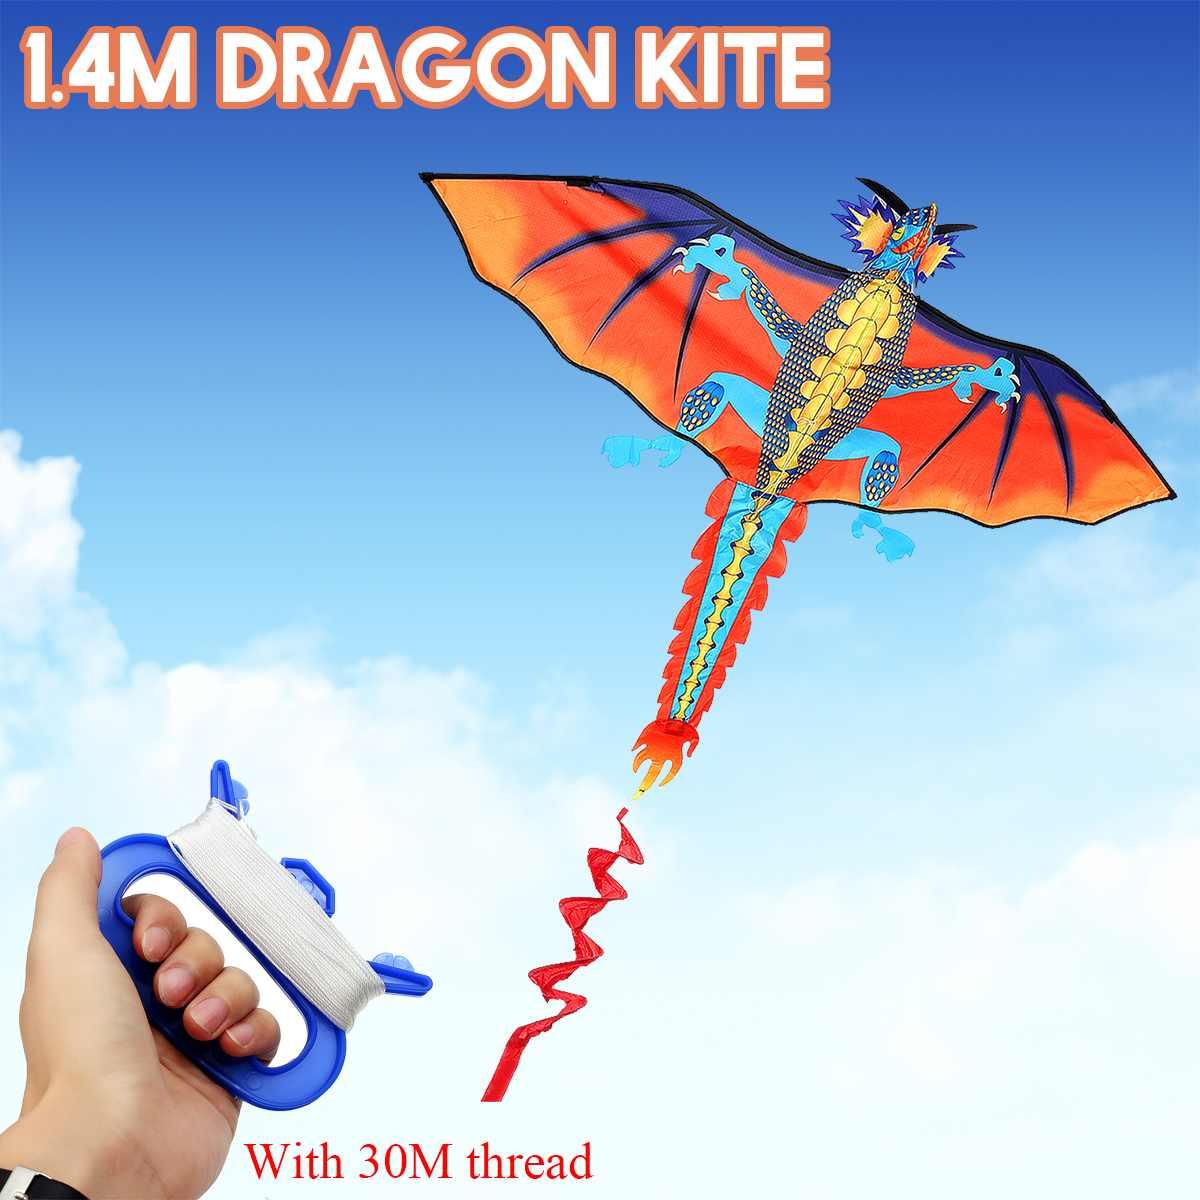 3D Dragon cerf-volant costume ligne unique avec queue cerfs-volants en plein air amusant jouet cerf-volant famille Sports de plein air jouet enfants